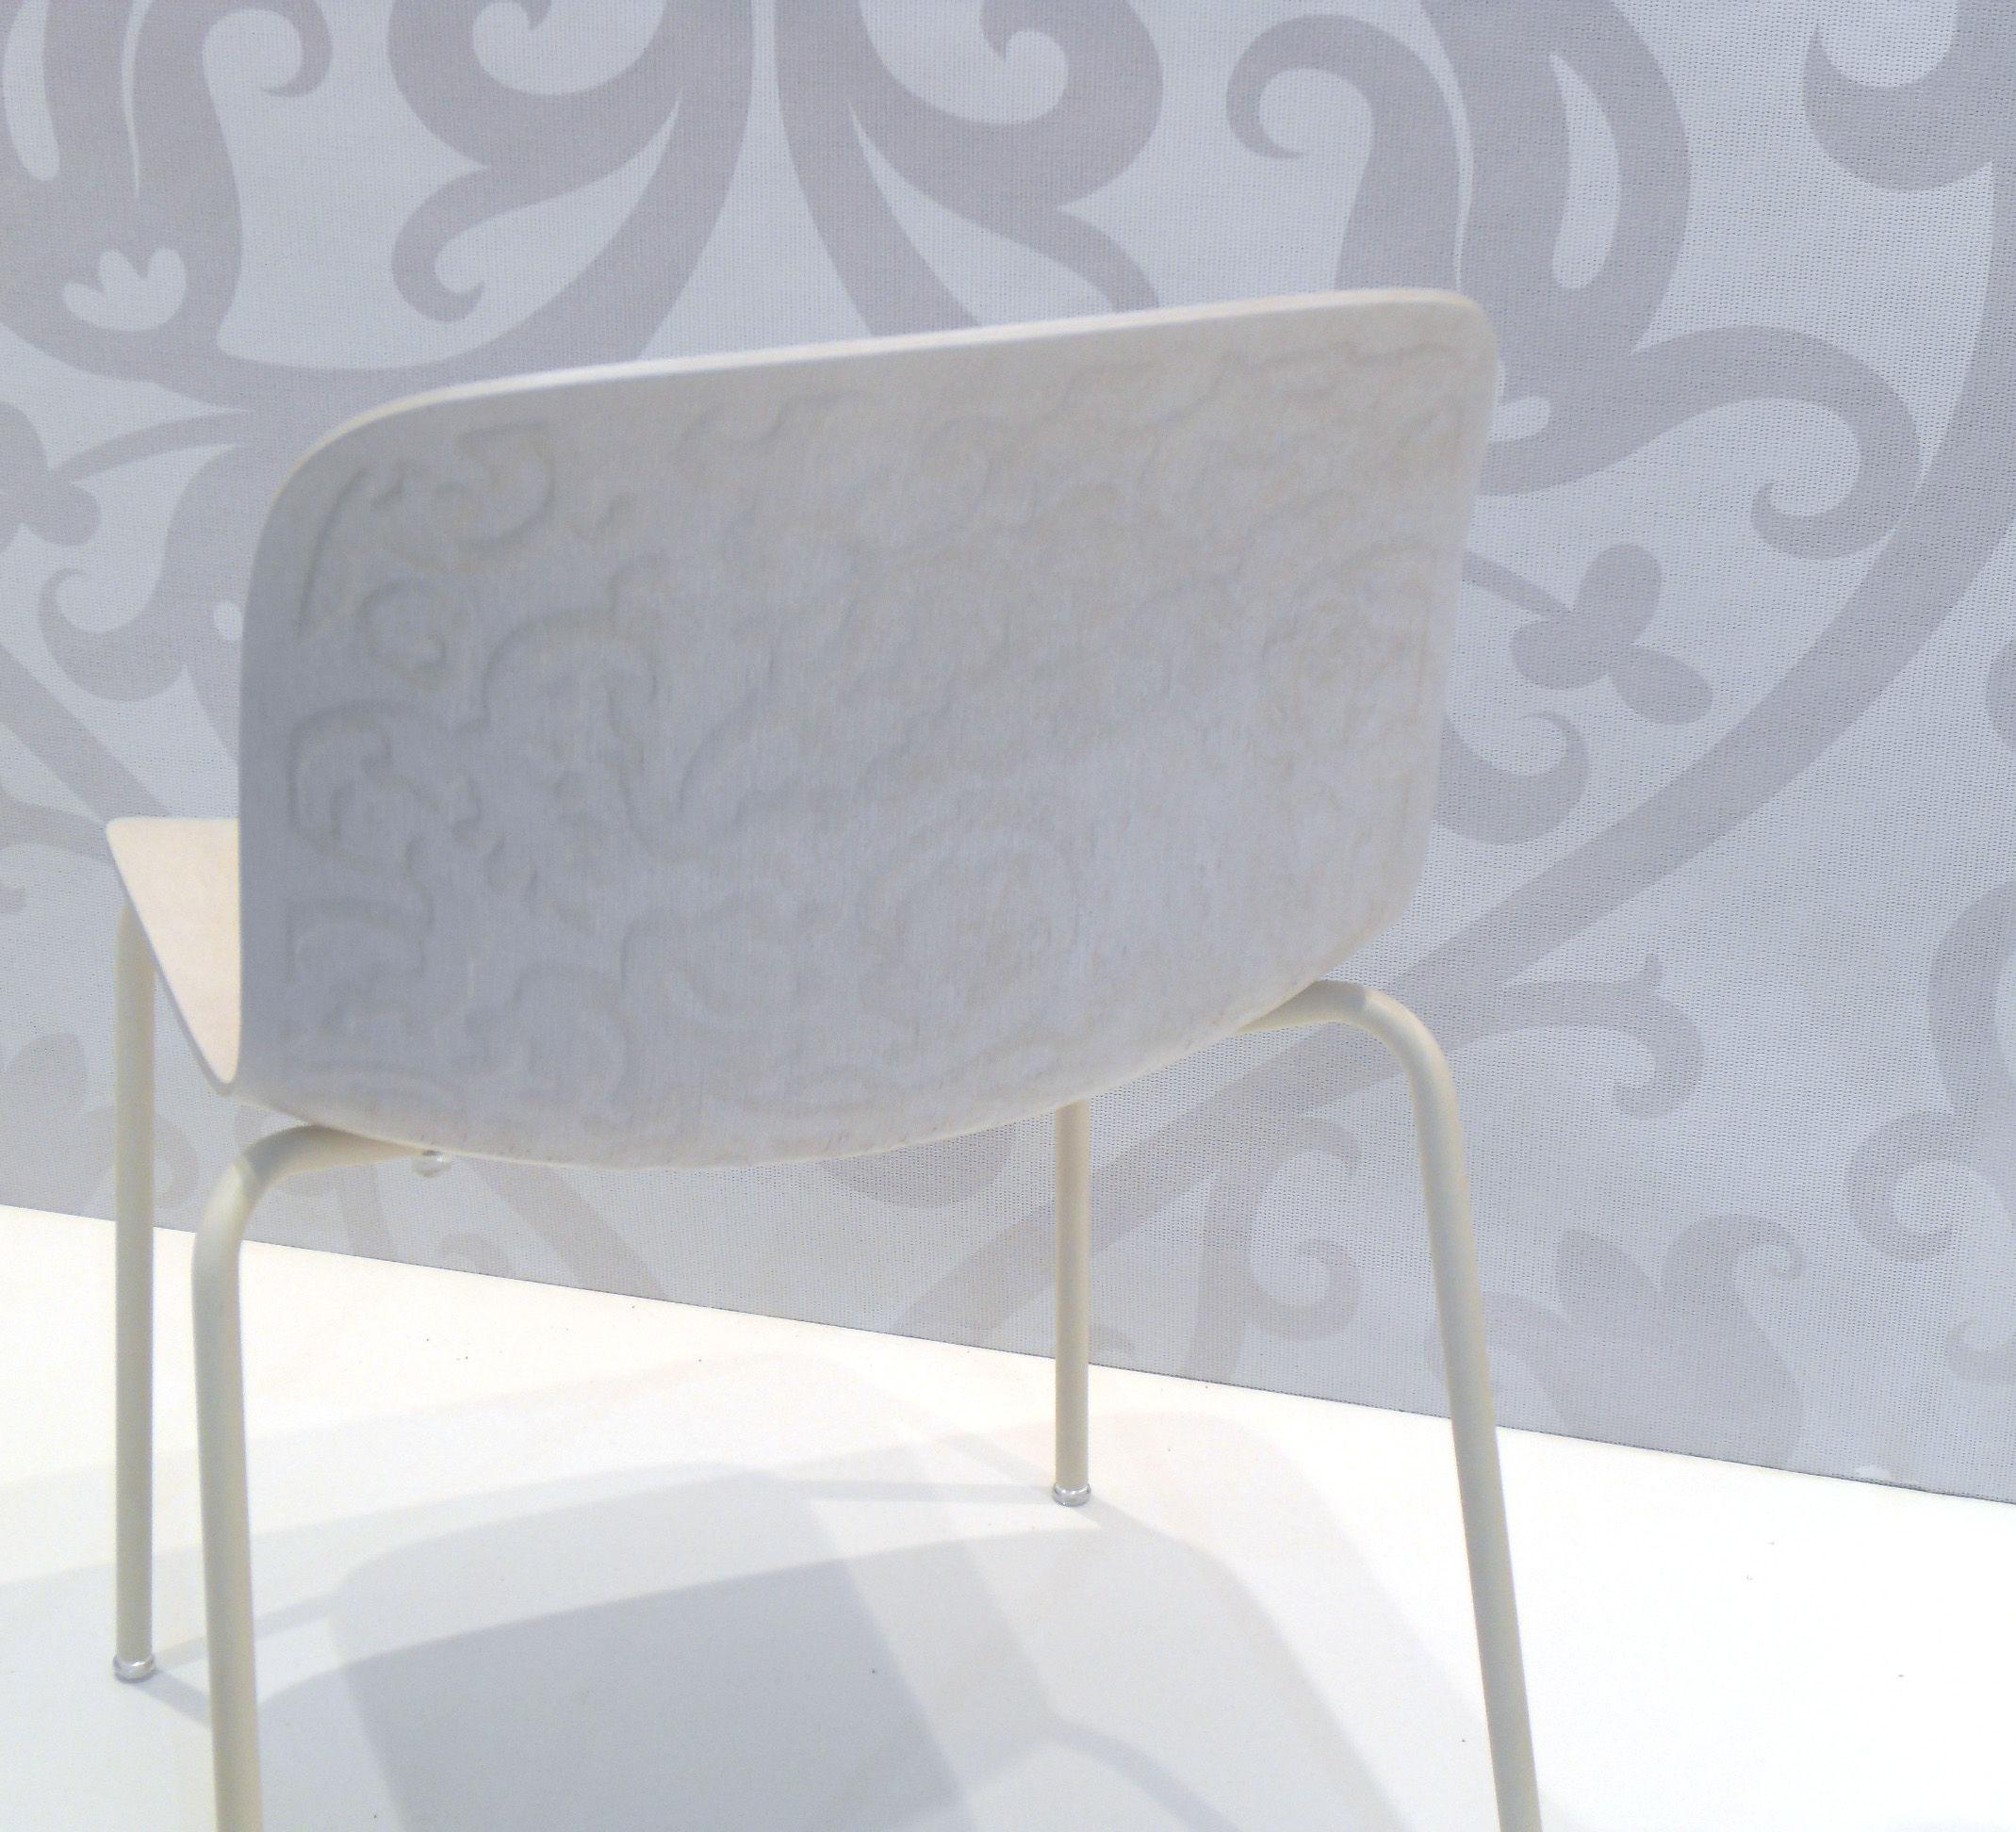 Troy gestell lackiert magis stuhl for Stuhl magis